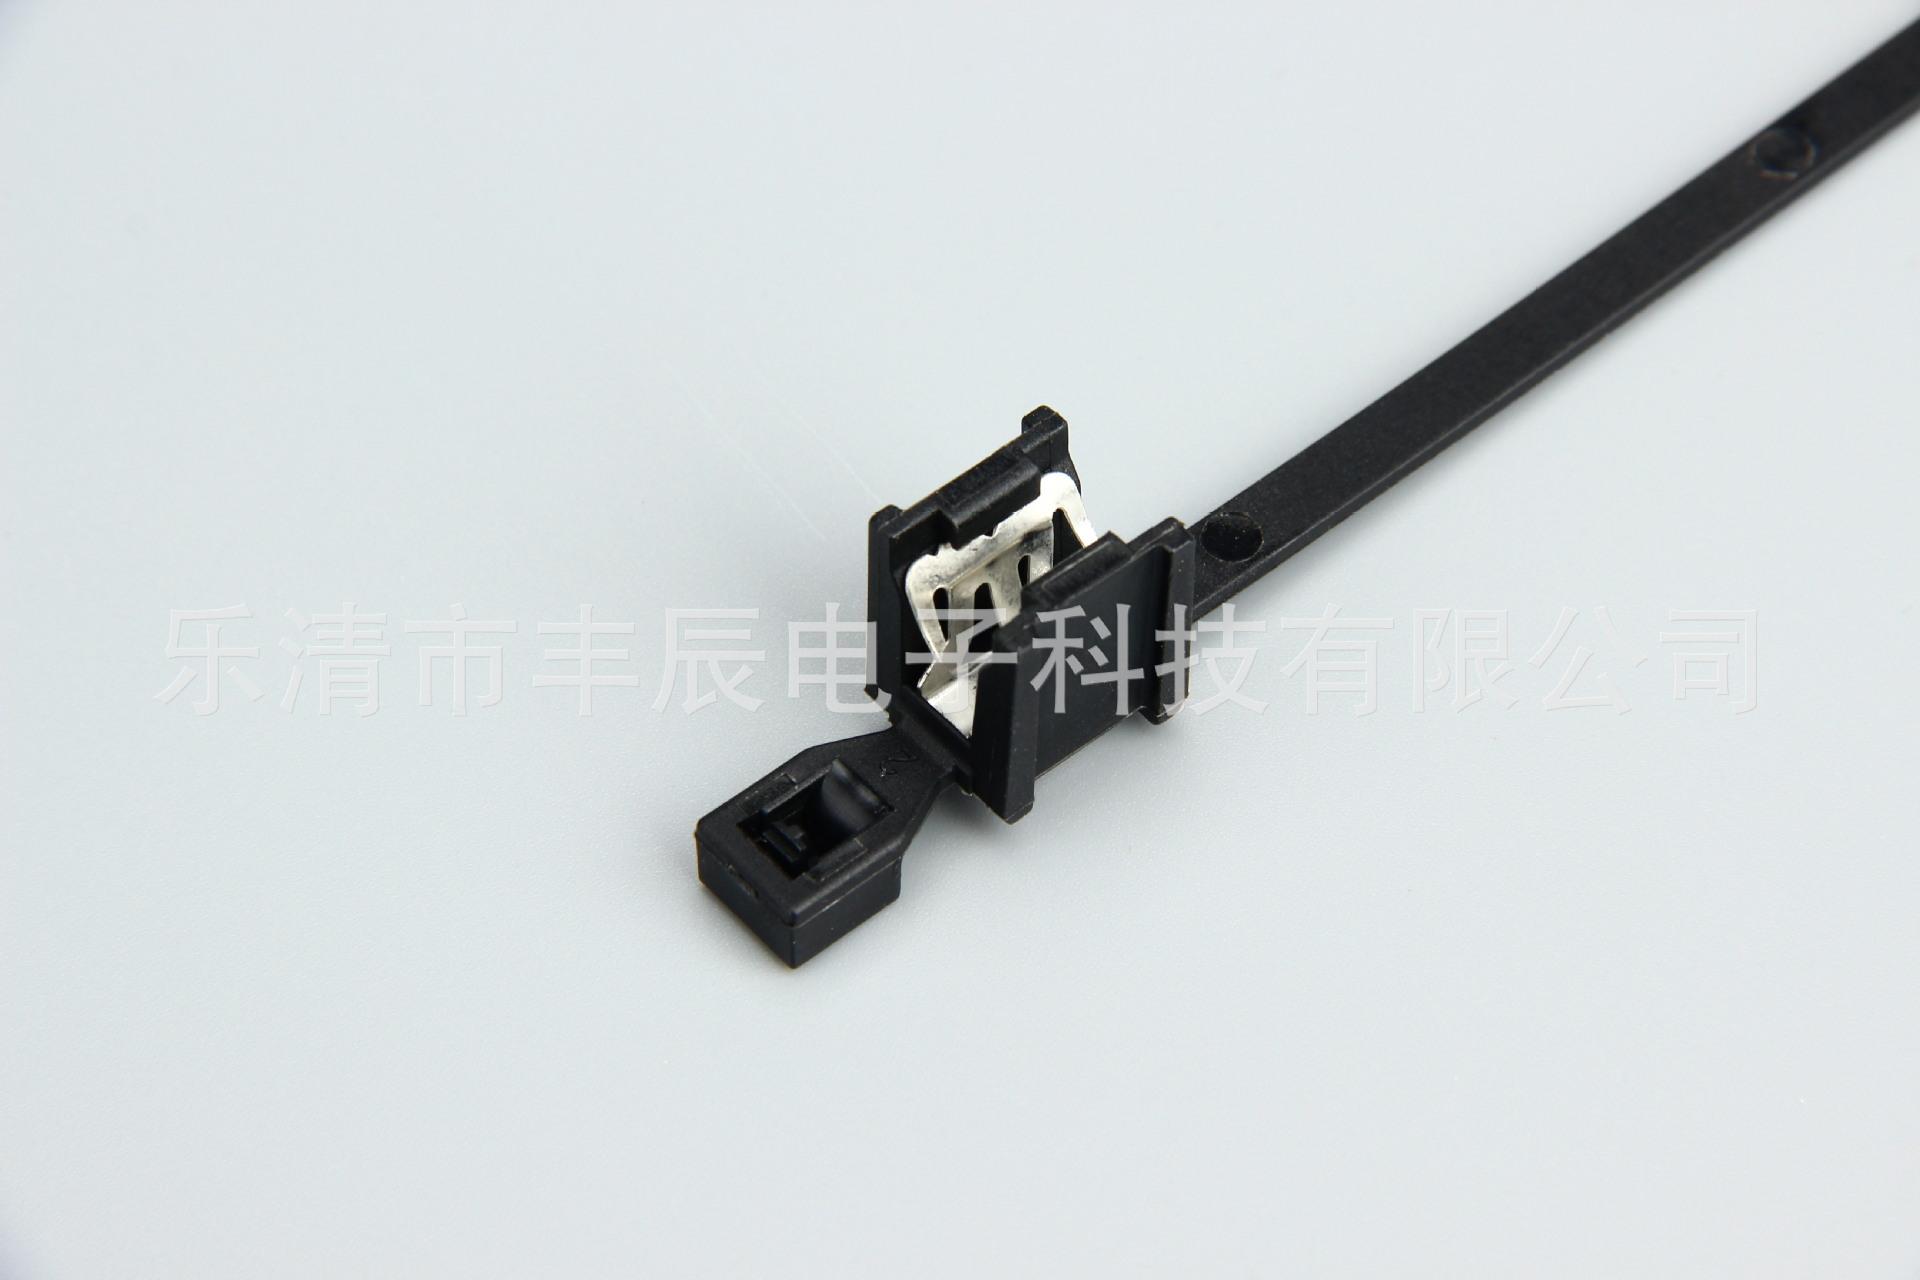 厂家直销 汽车连接器 扎带PP9110201 接插件